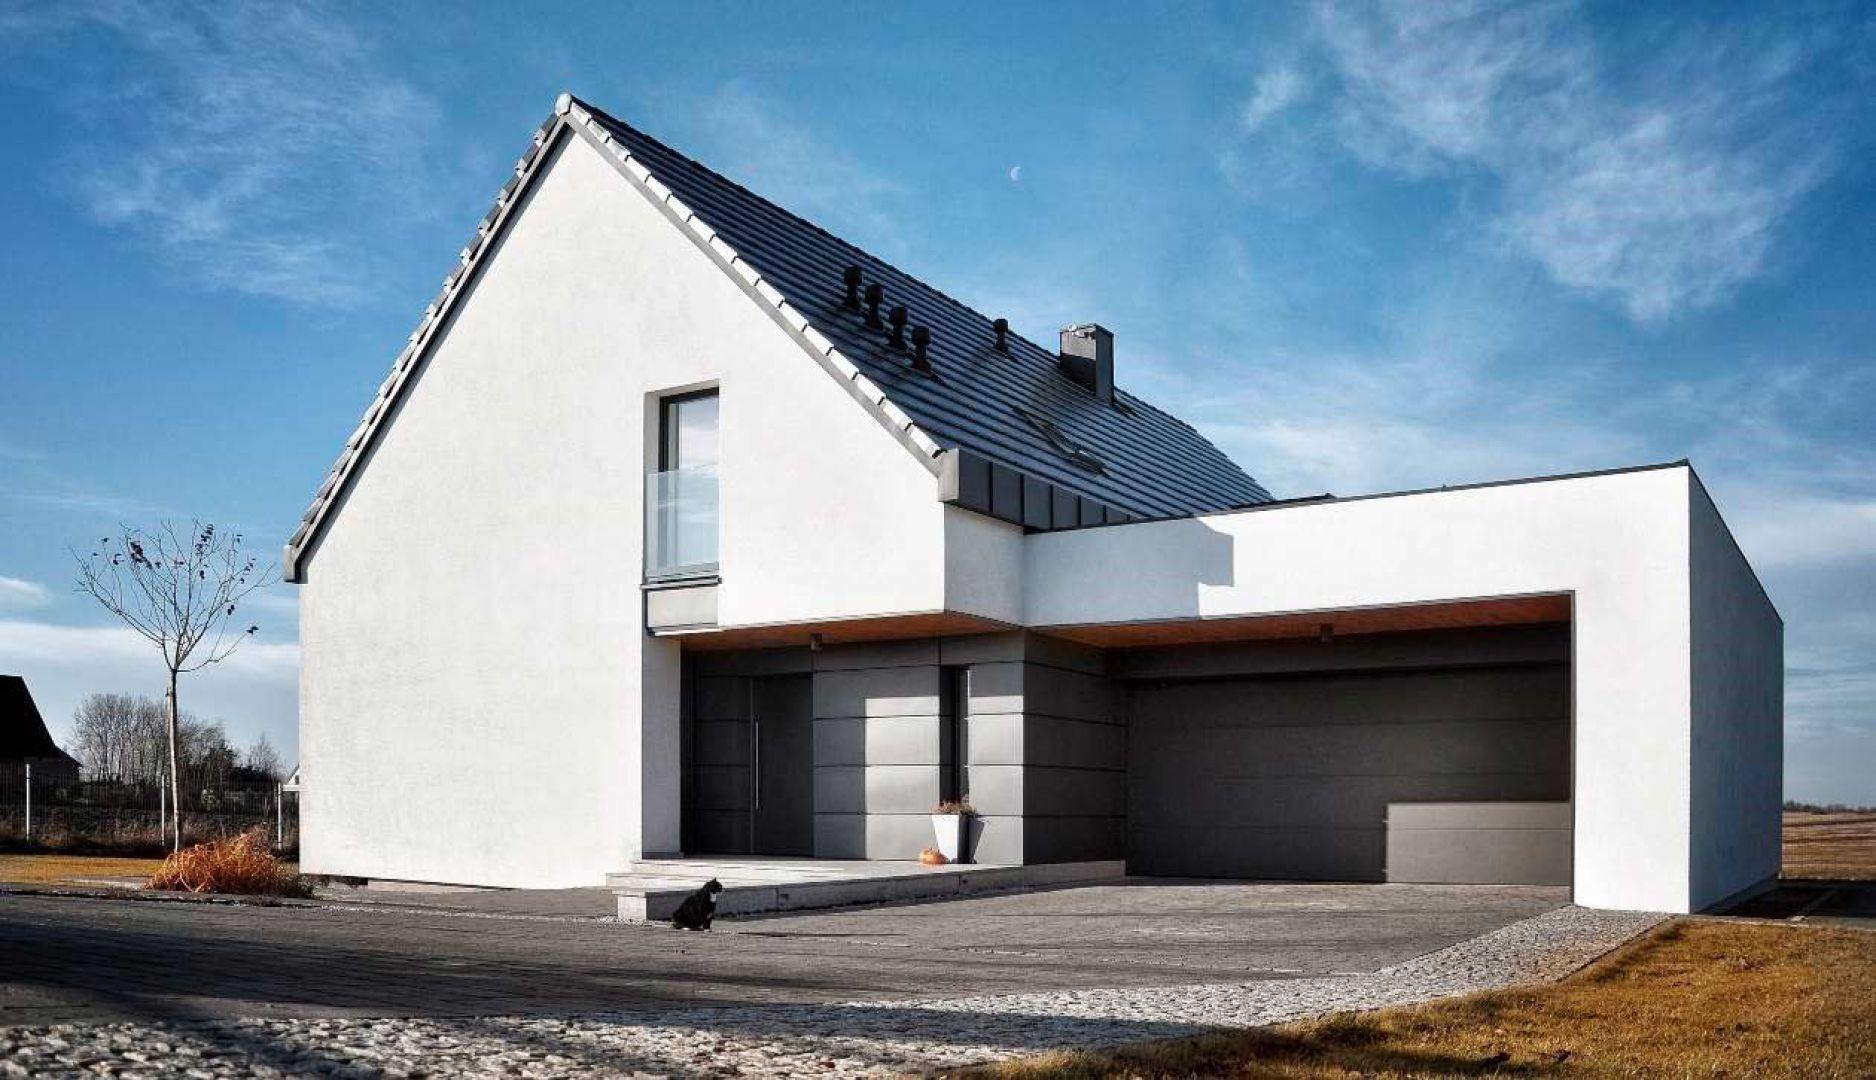 Ocieplenie wszystkich przegród konstrukcyjnych domu pozwoli zachować stabilną temperaturę w budynku przez cały rok, zapewniając mieszkańcom komfort cieplny i generując oszczędności z tytułu chłodzenia pomieszczeń latem, a zimą ich ogrzewania. Fot. Baumit